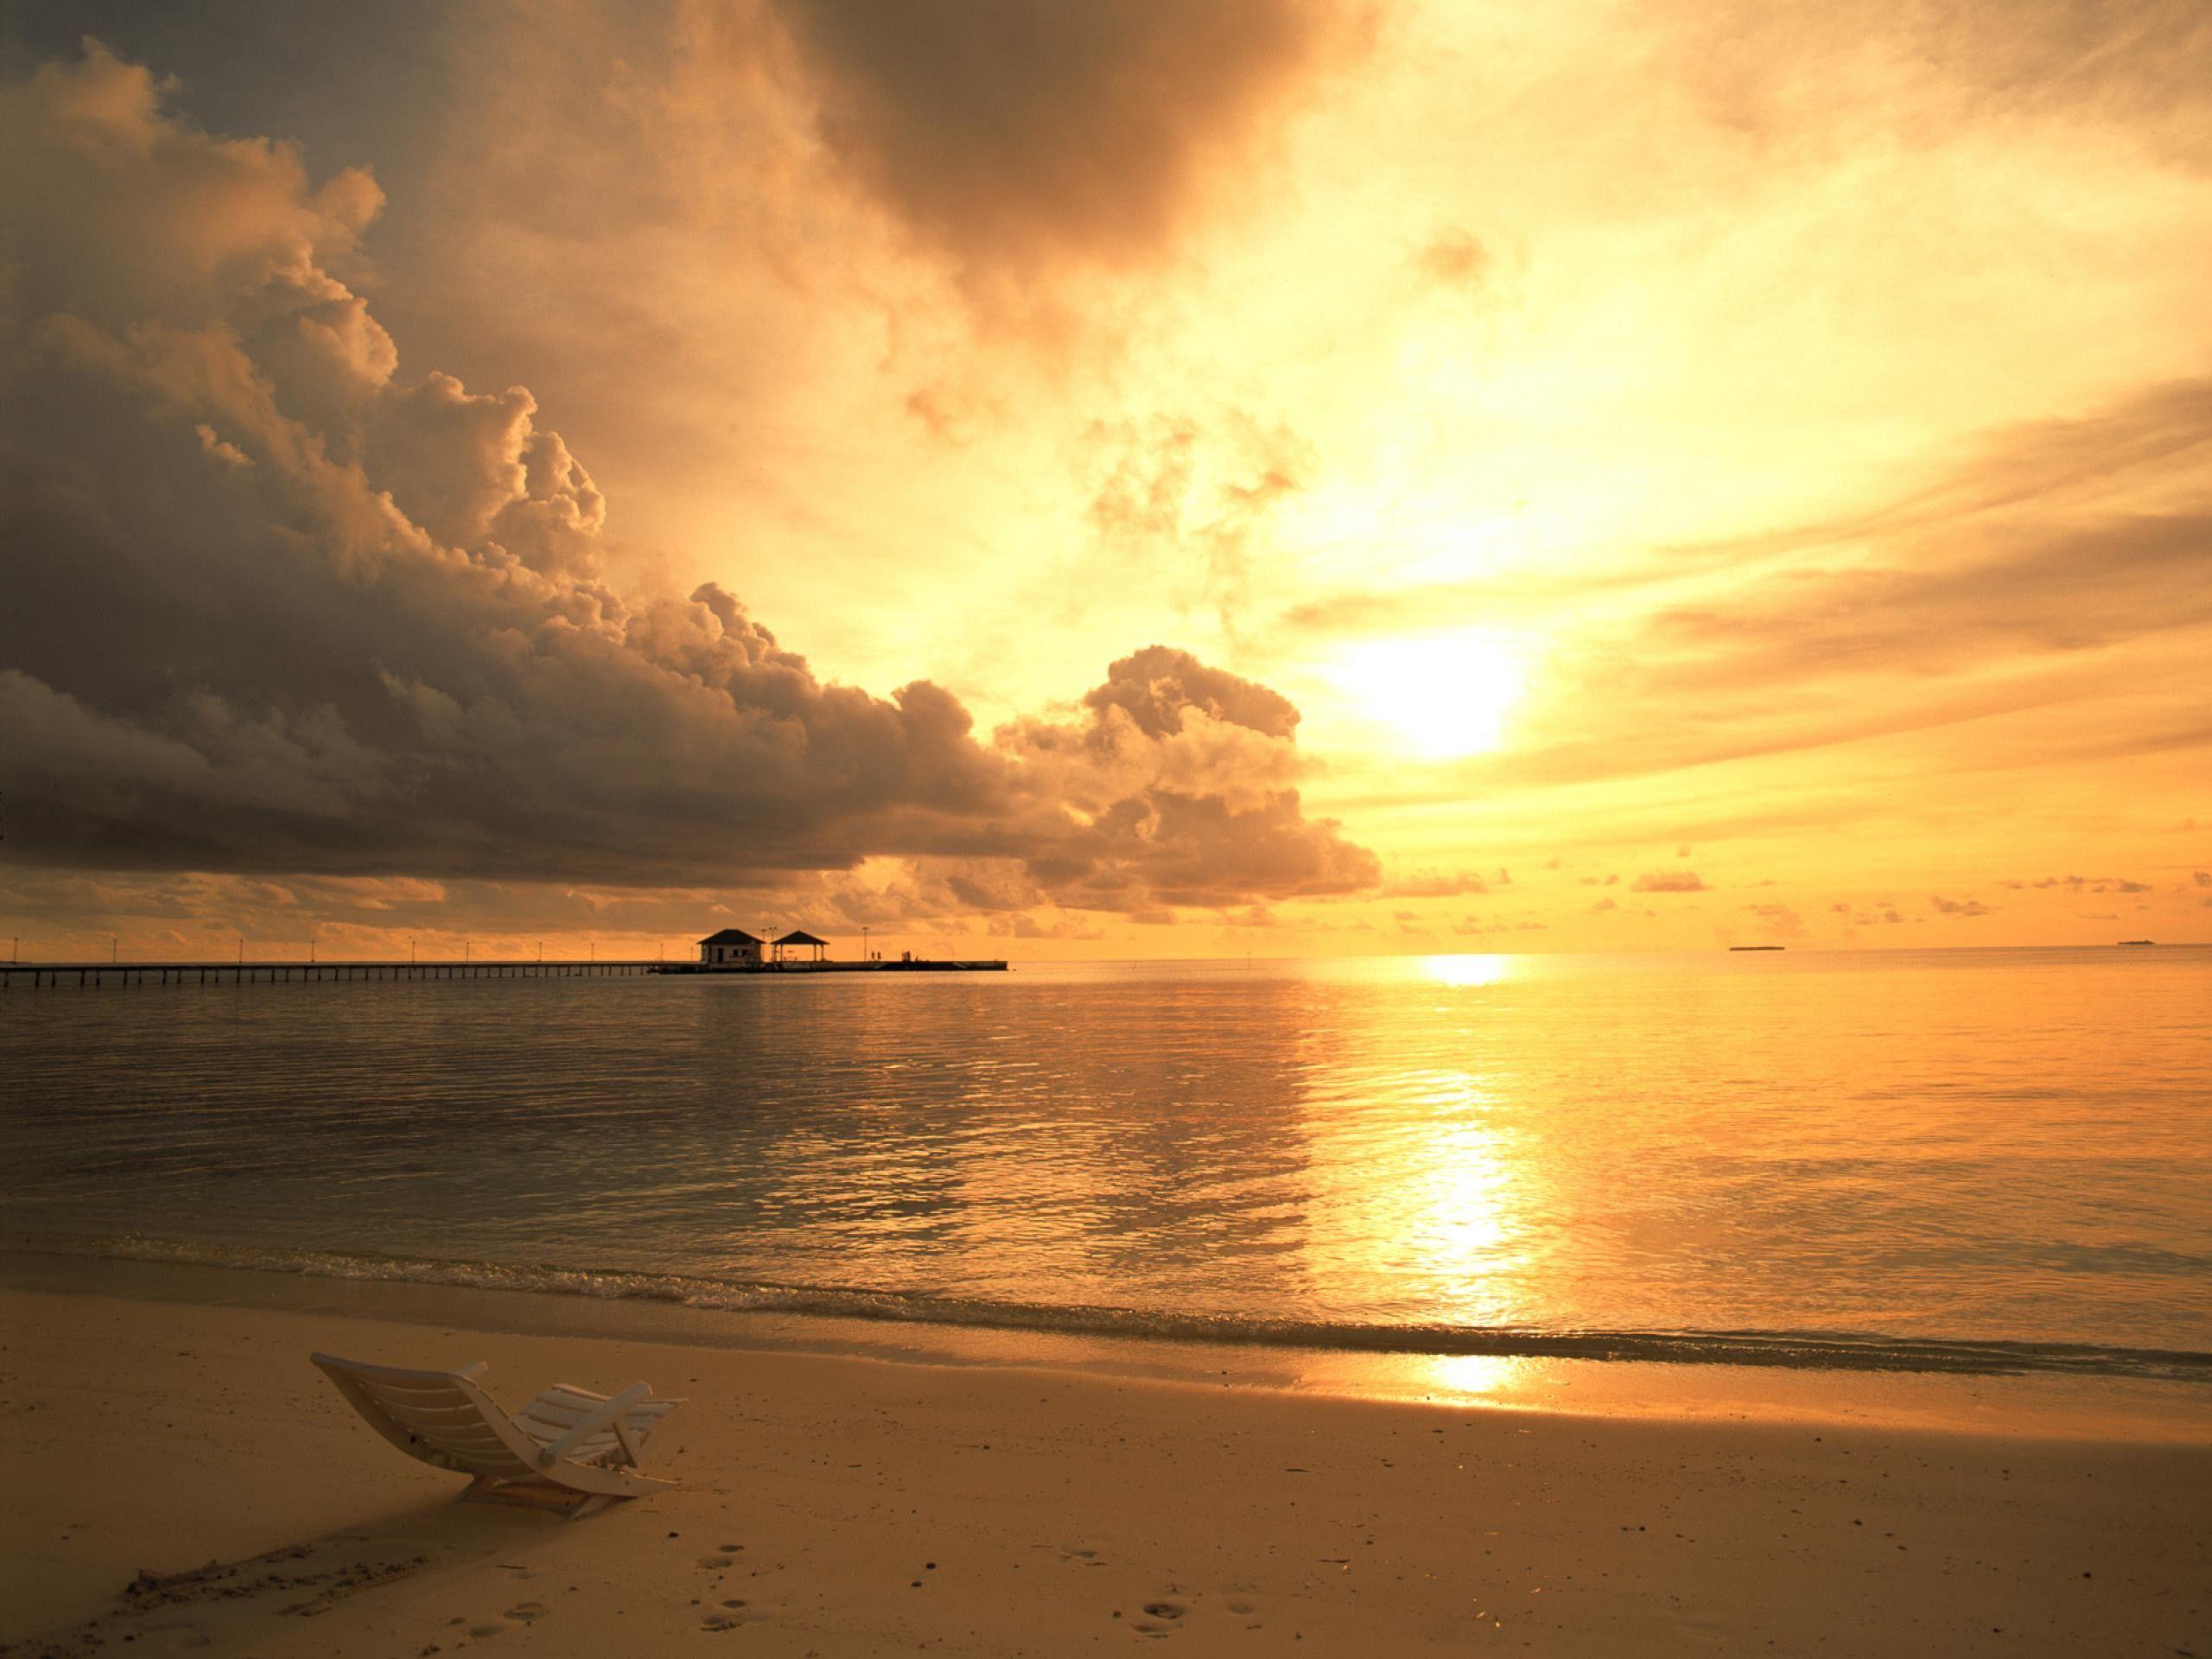 Sunrise Background Google Search Ocean Landscape Beach Sunset Wallpaper Beach Wallpaper